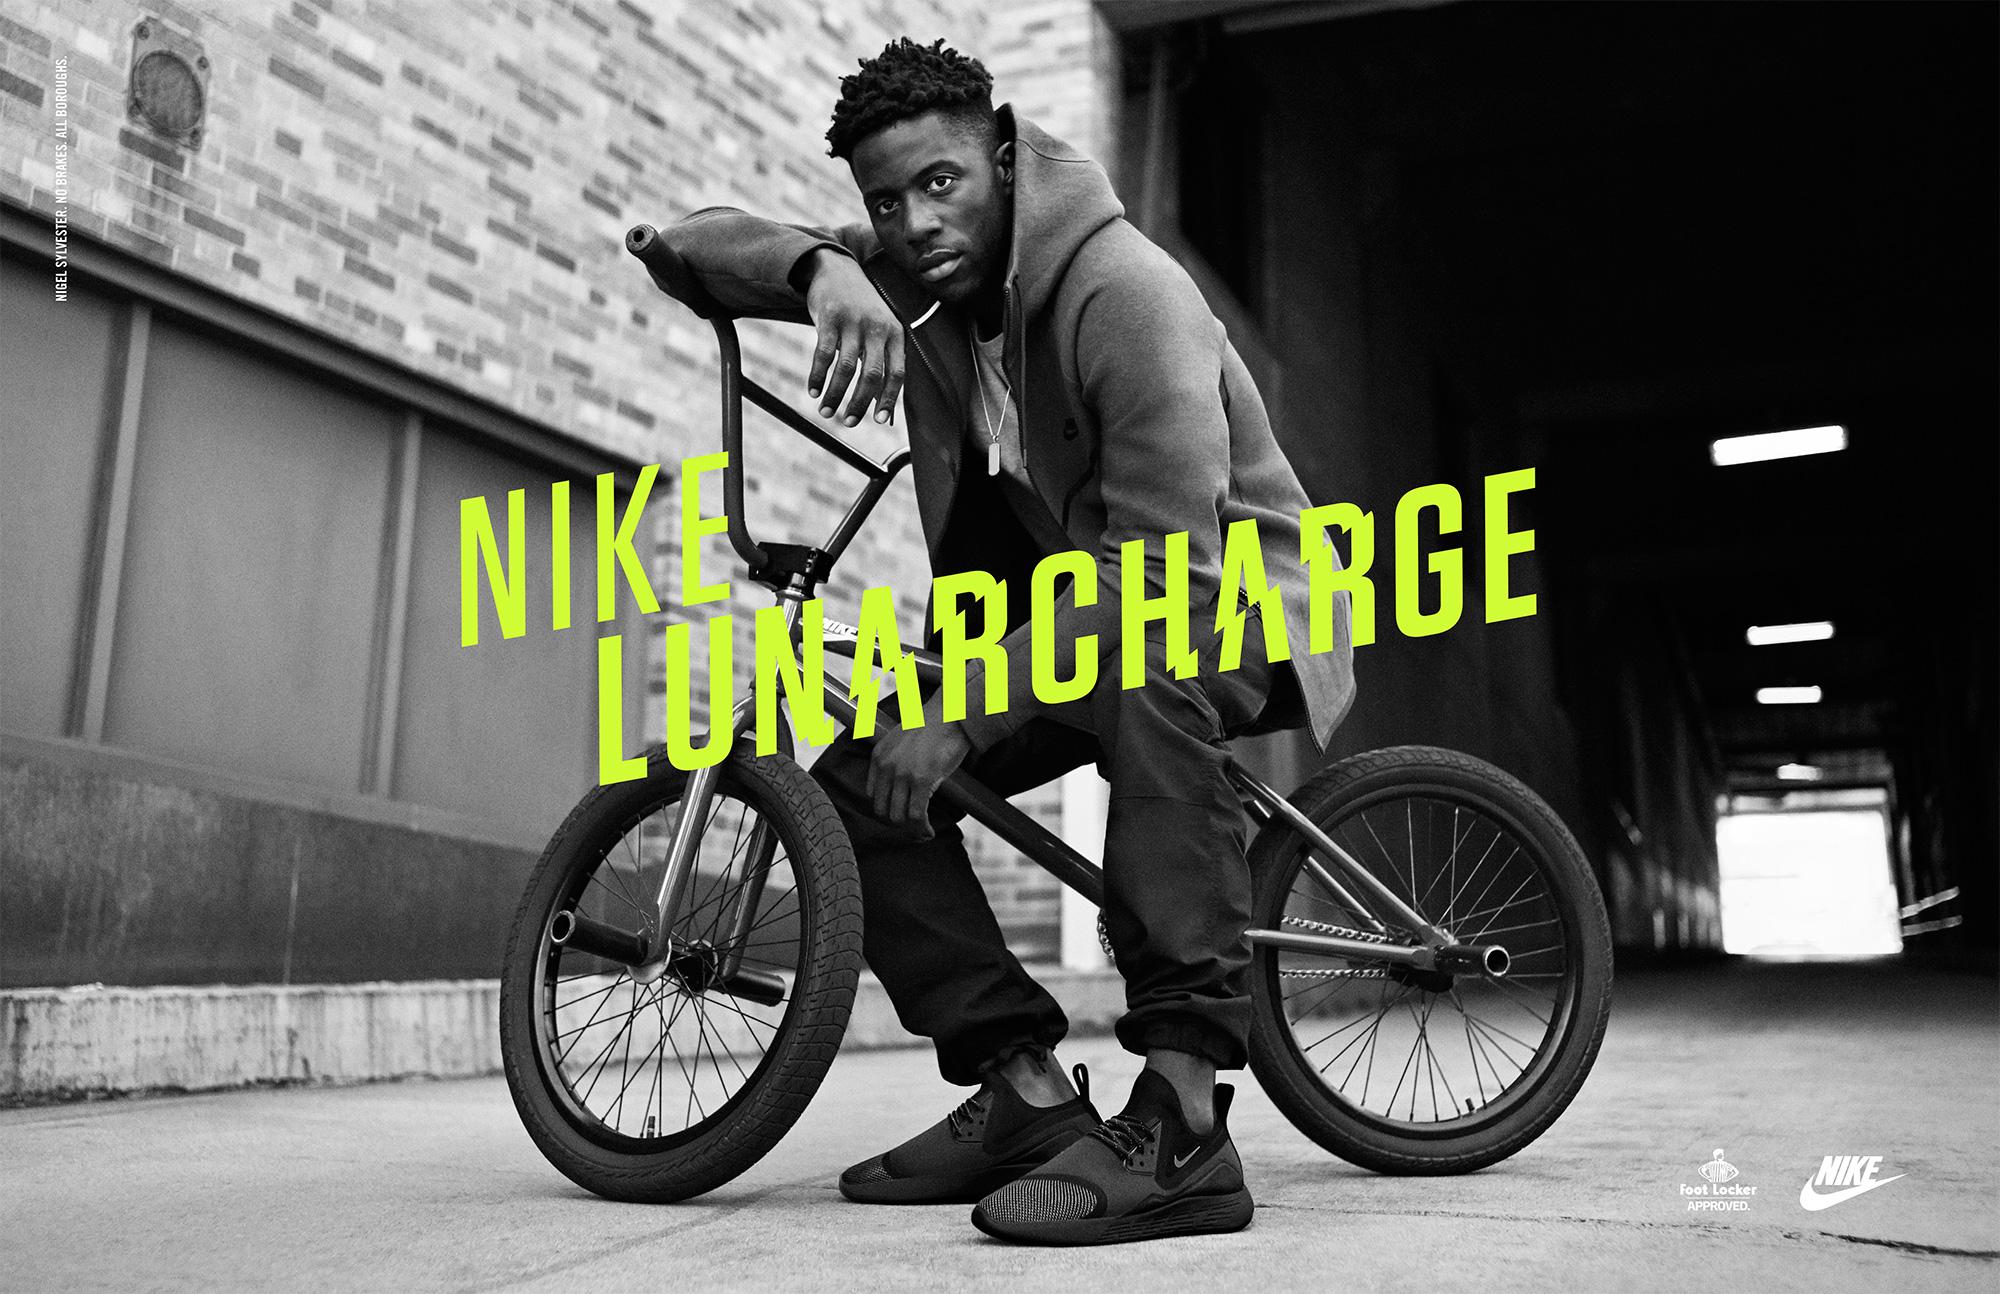 NYM_Lunarcharge_posters_horizontal_Nigel.jpg